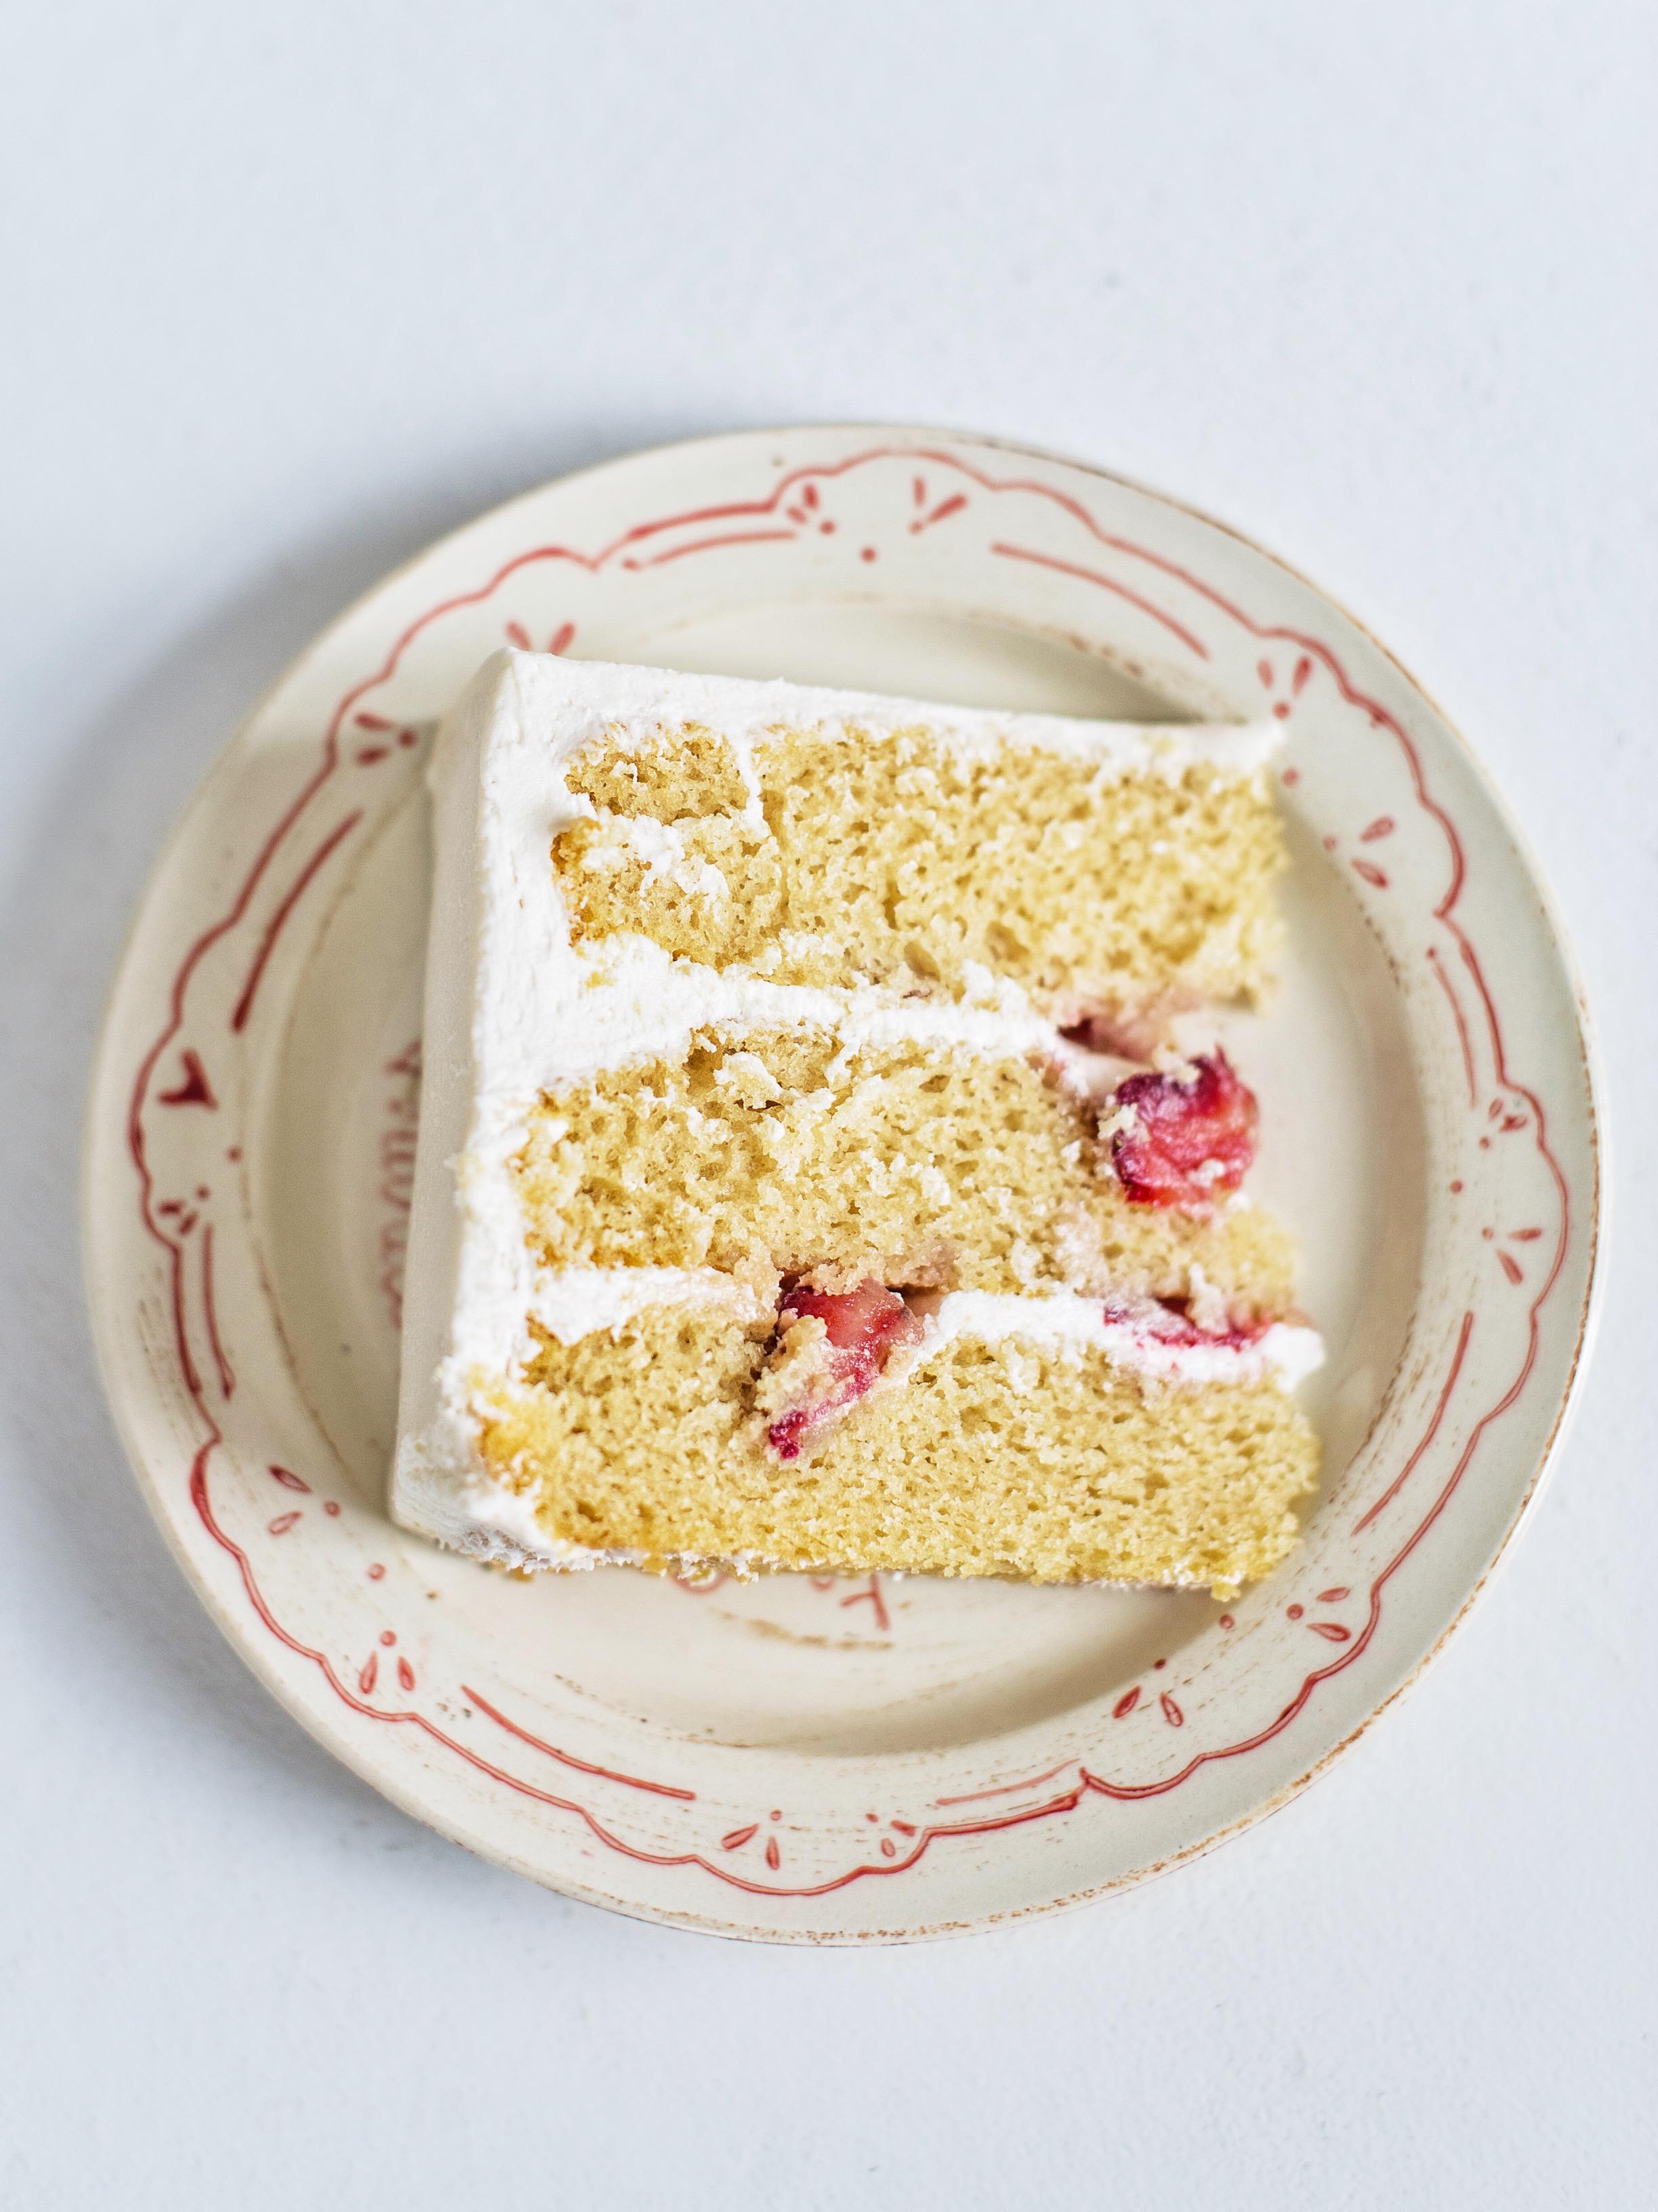 Egg Free and Dairy Free Vanilla Cake